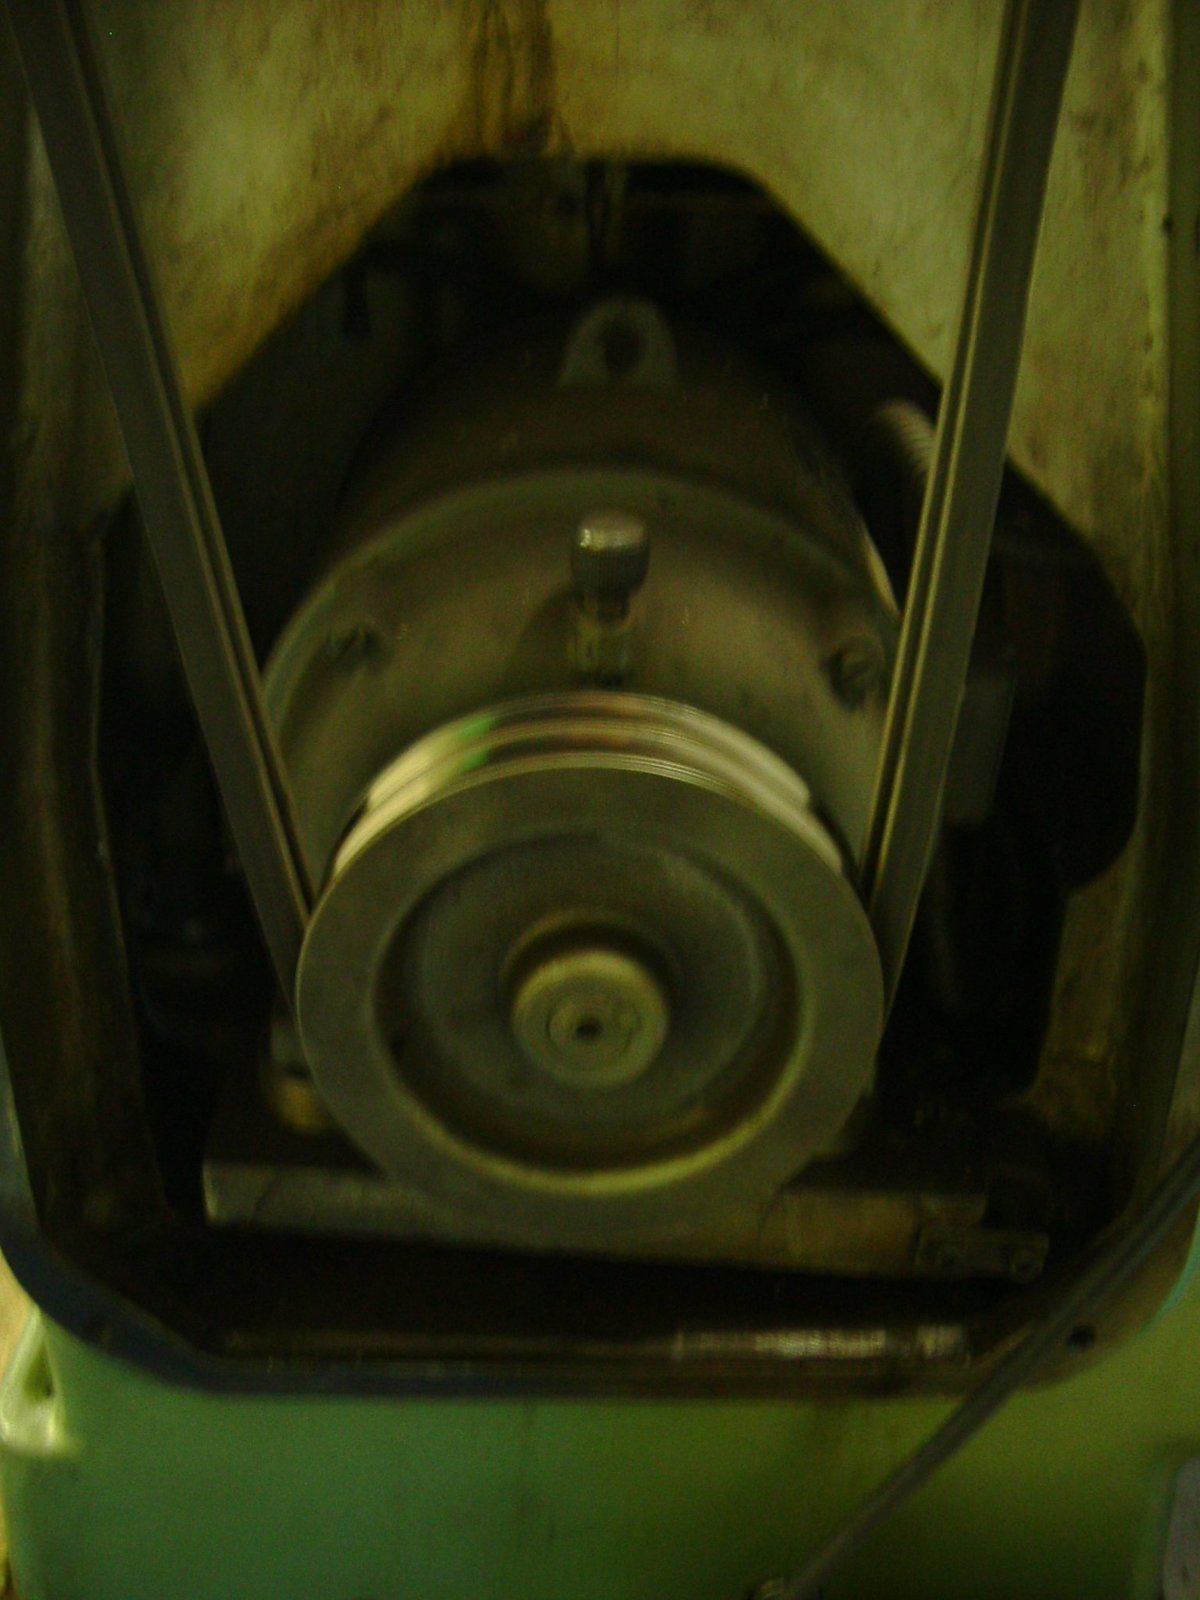 DSCF2422.JPG